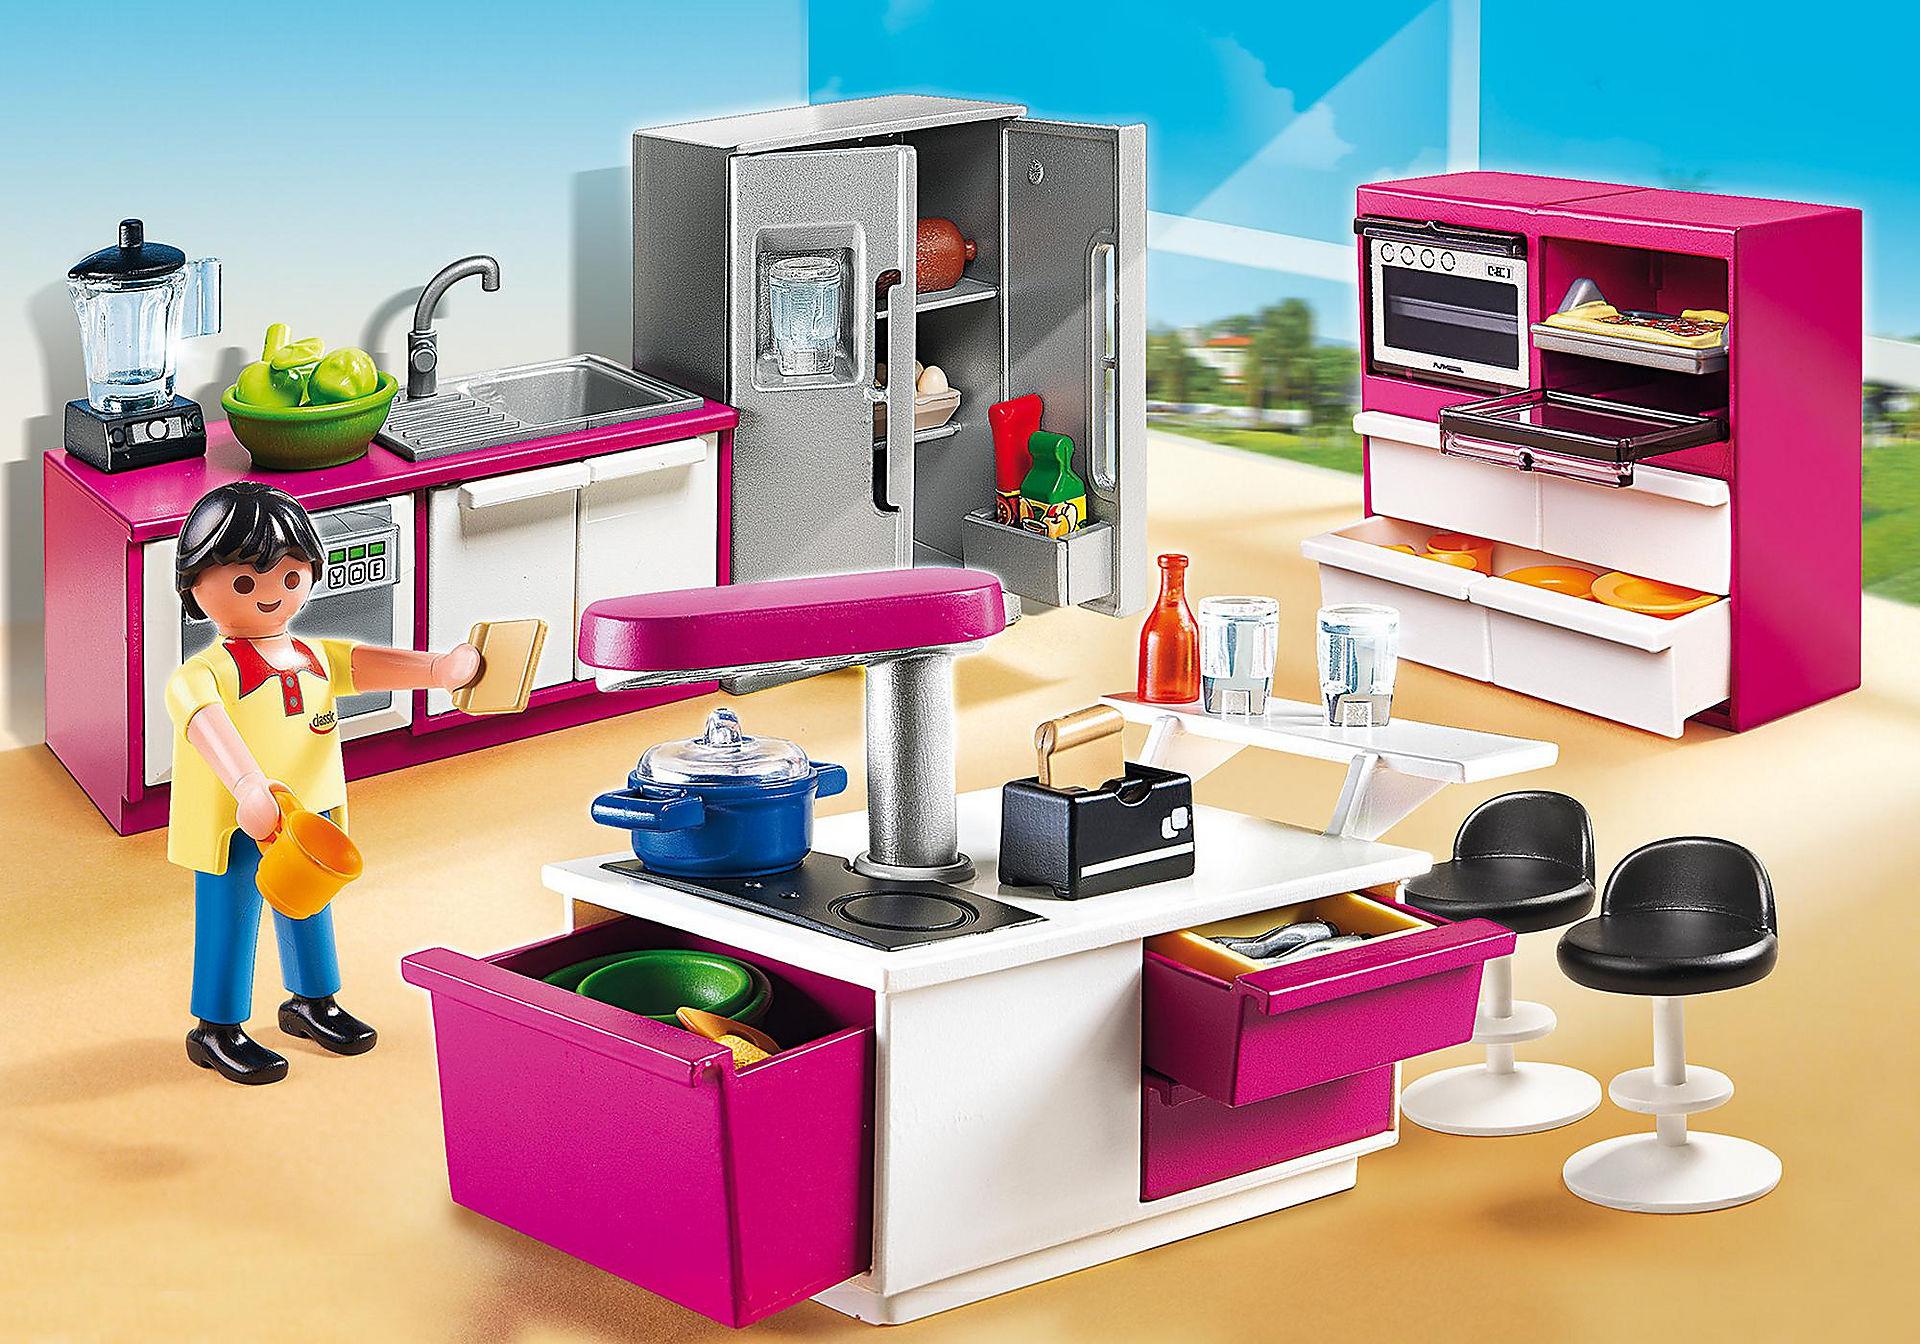 5582 Μοντέρνα κουζίνα zoom image1